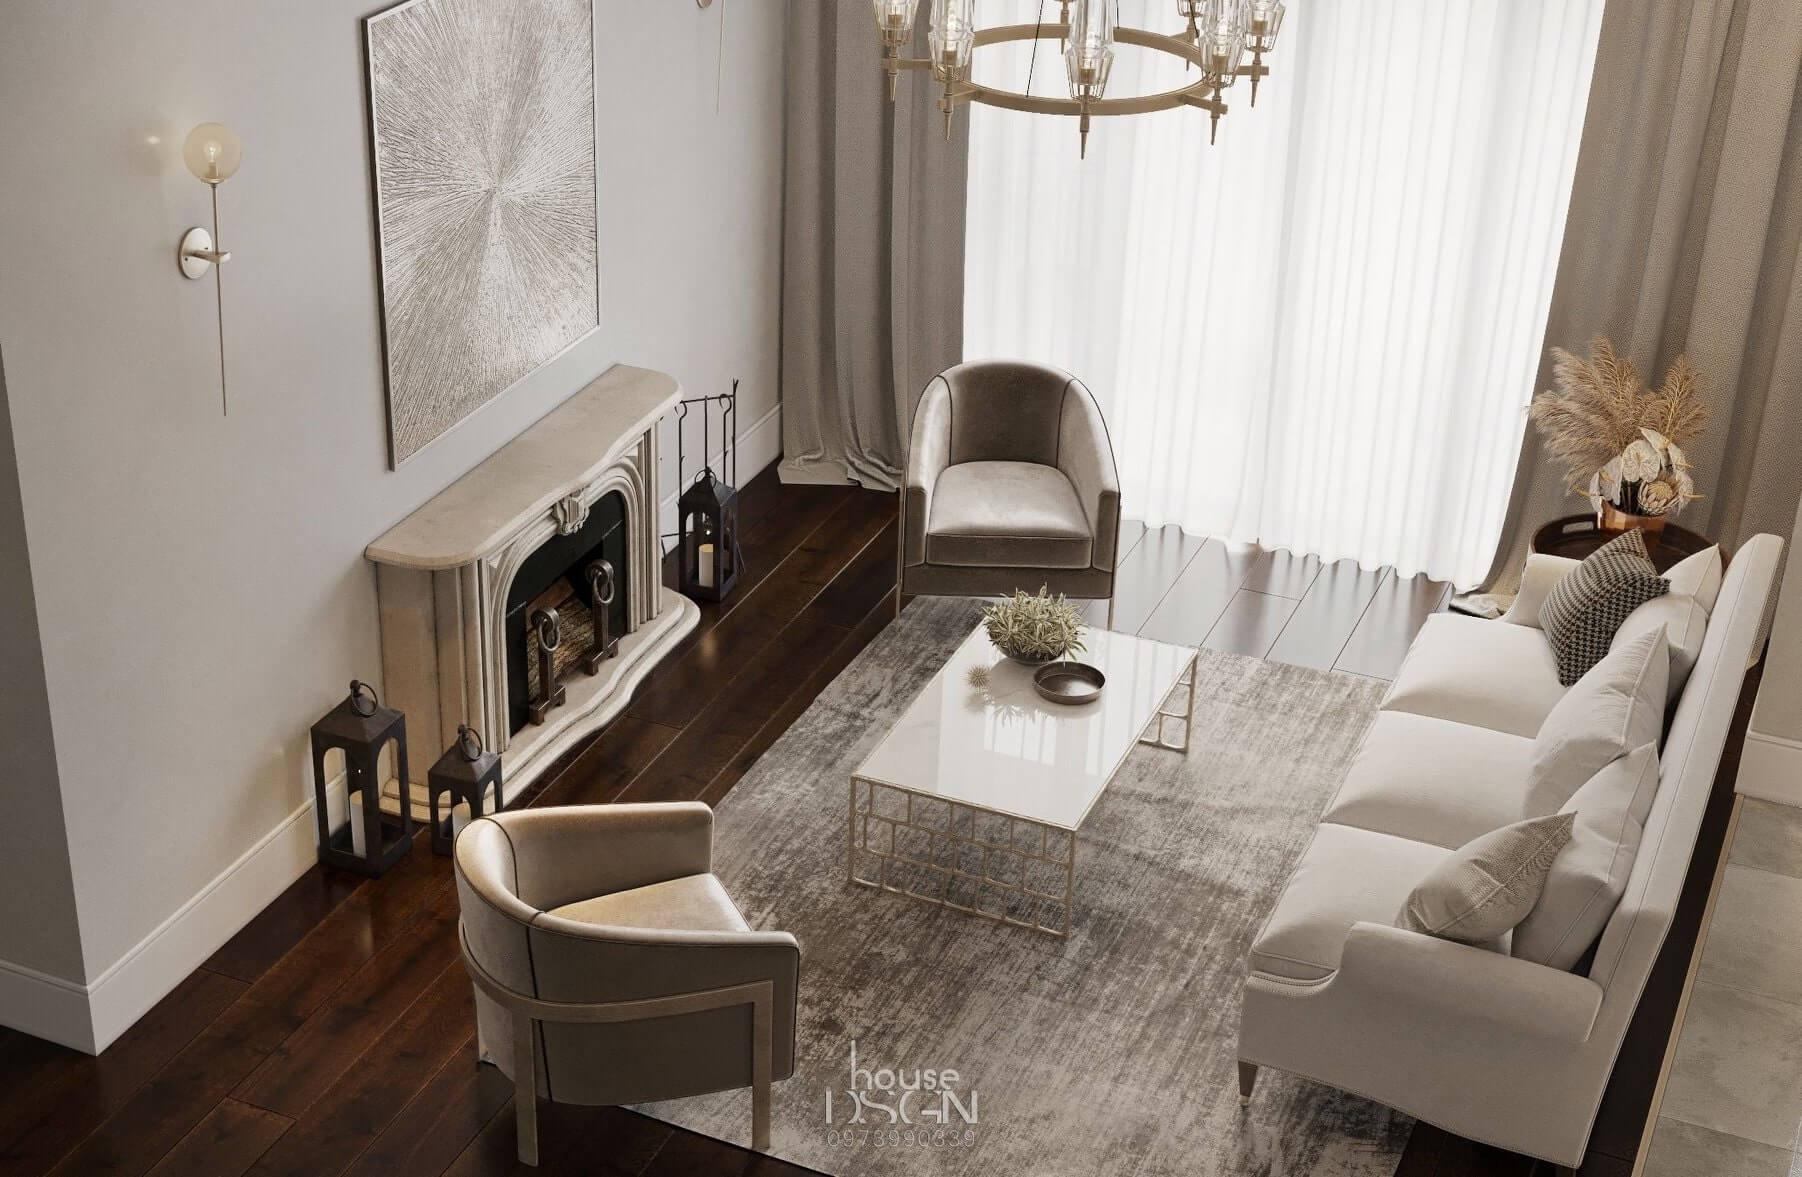 bố trí căn hộ chung cư 90m2 tiện nghi và hiện đại